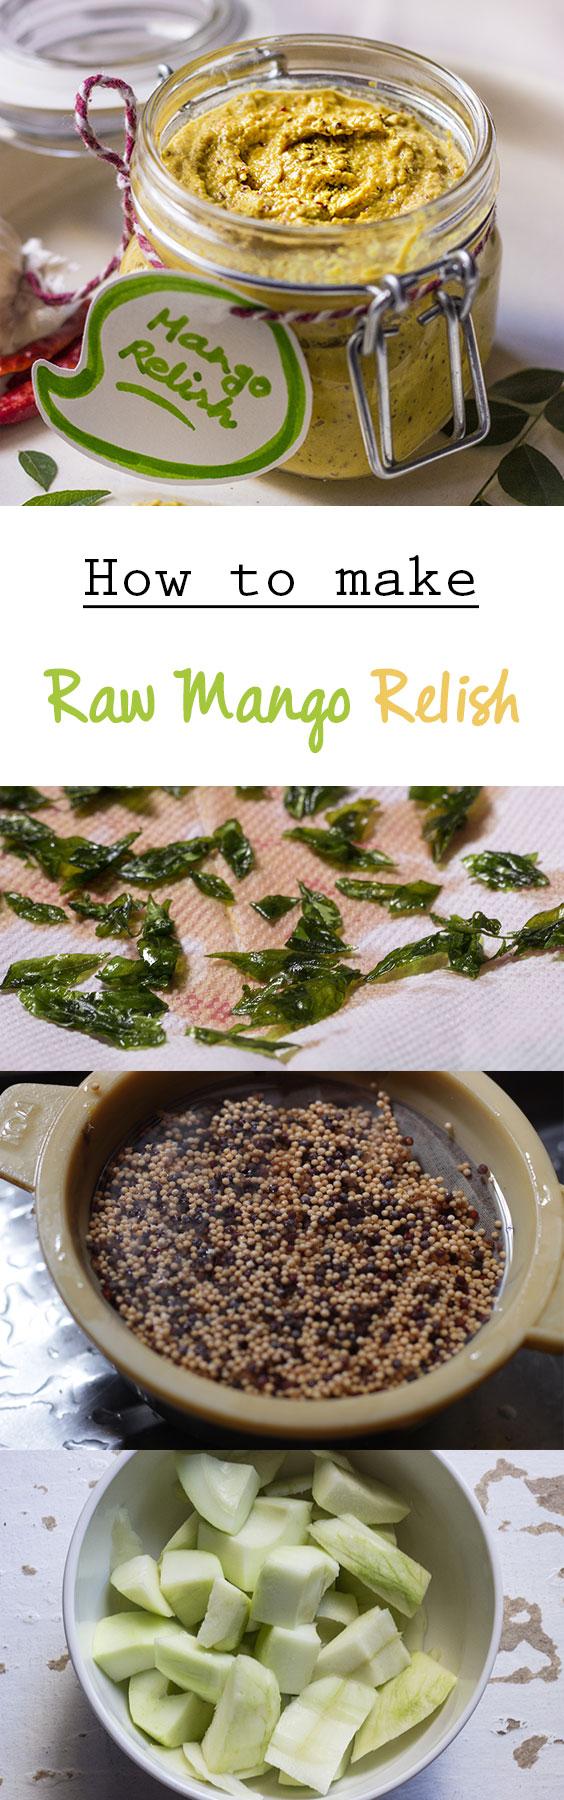 Raw Mango Relish